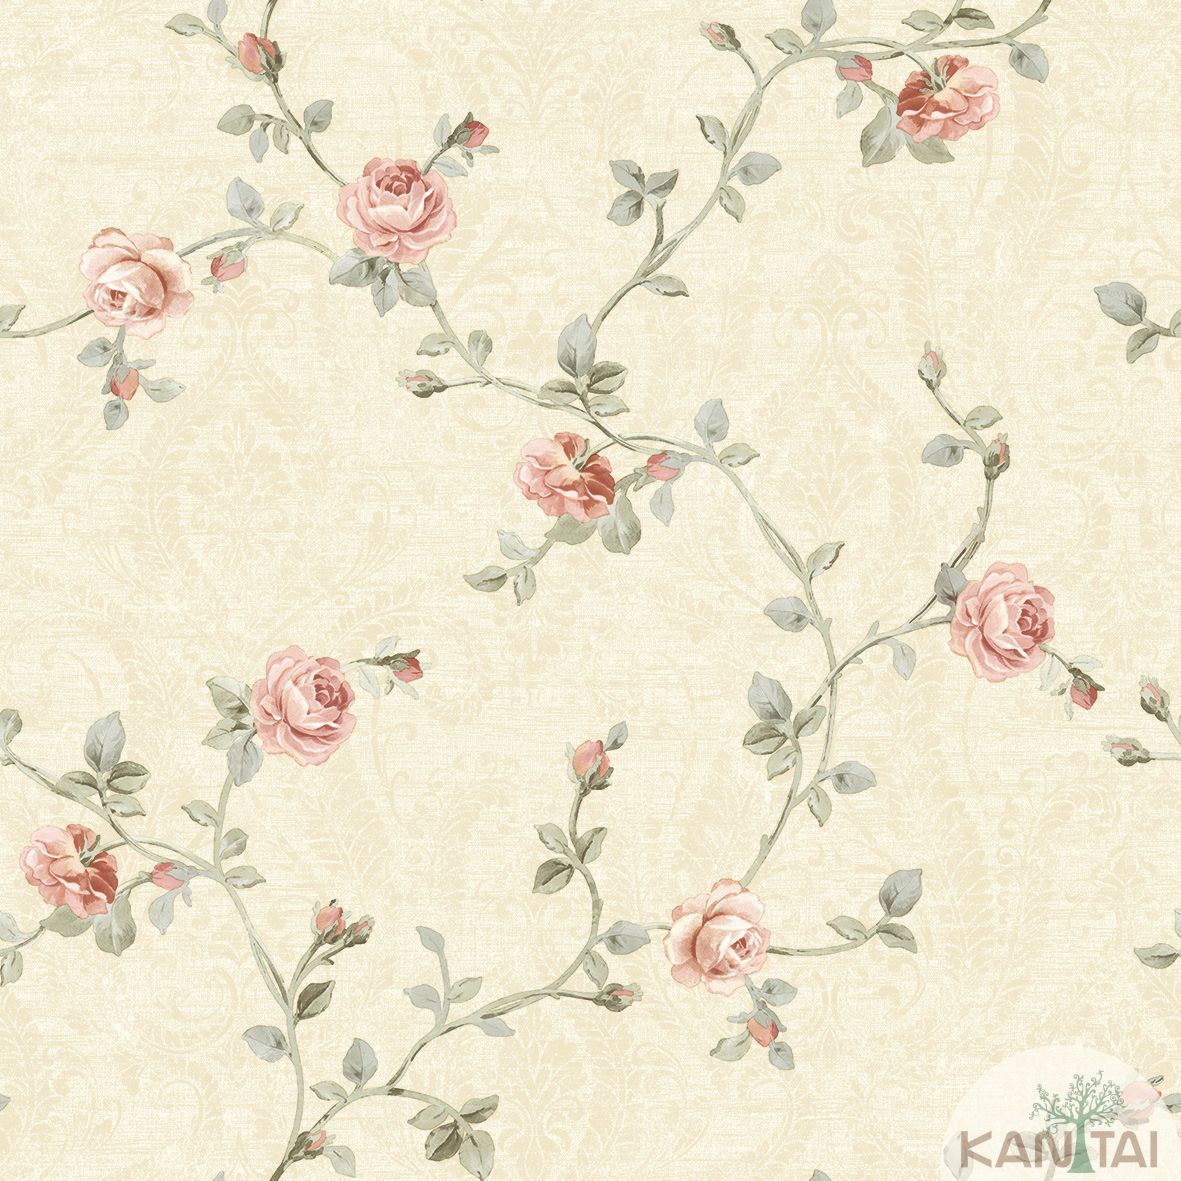 Papel de Parede Kan Tai TNT Coleção Flora 2 Floral Bege, Verde, Rosa, Baixo relevo